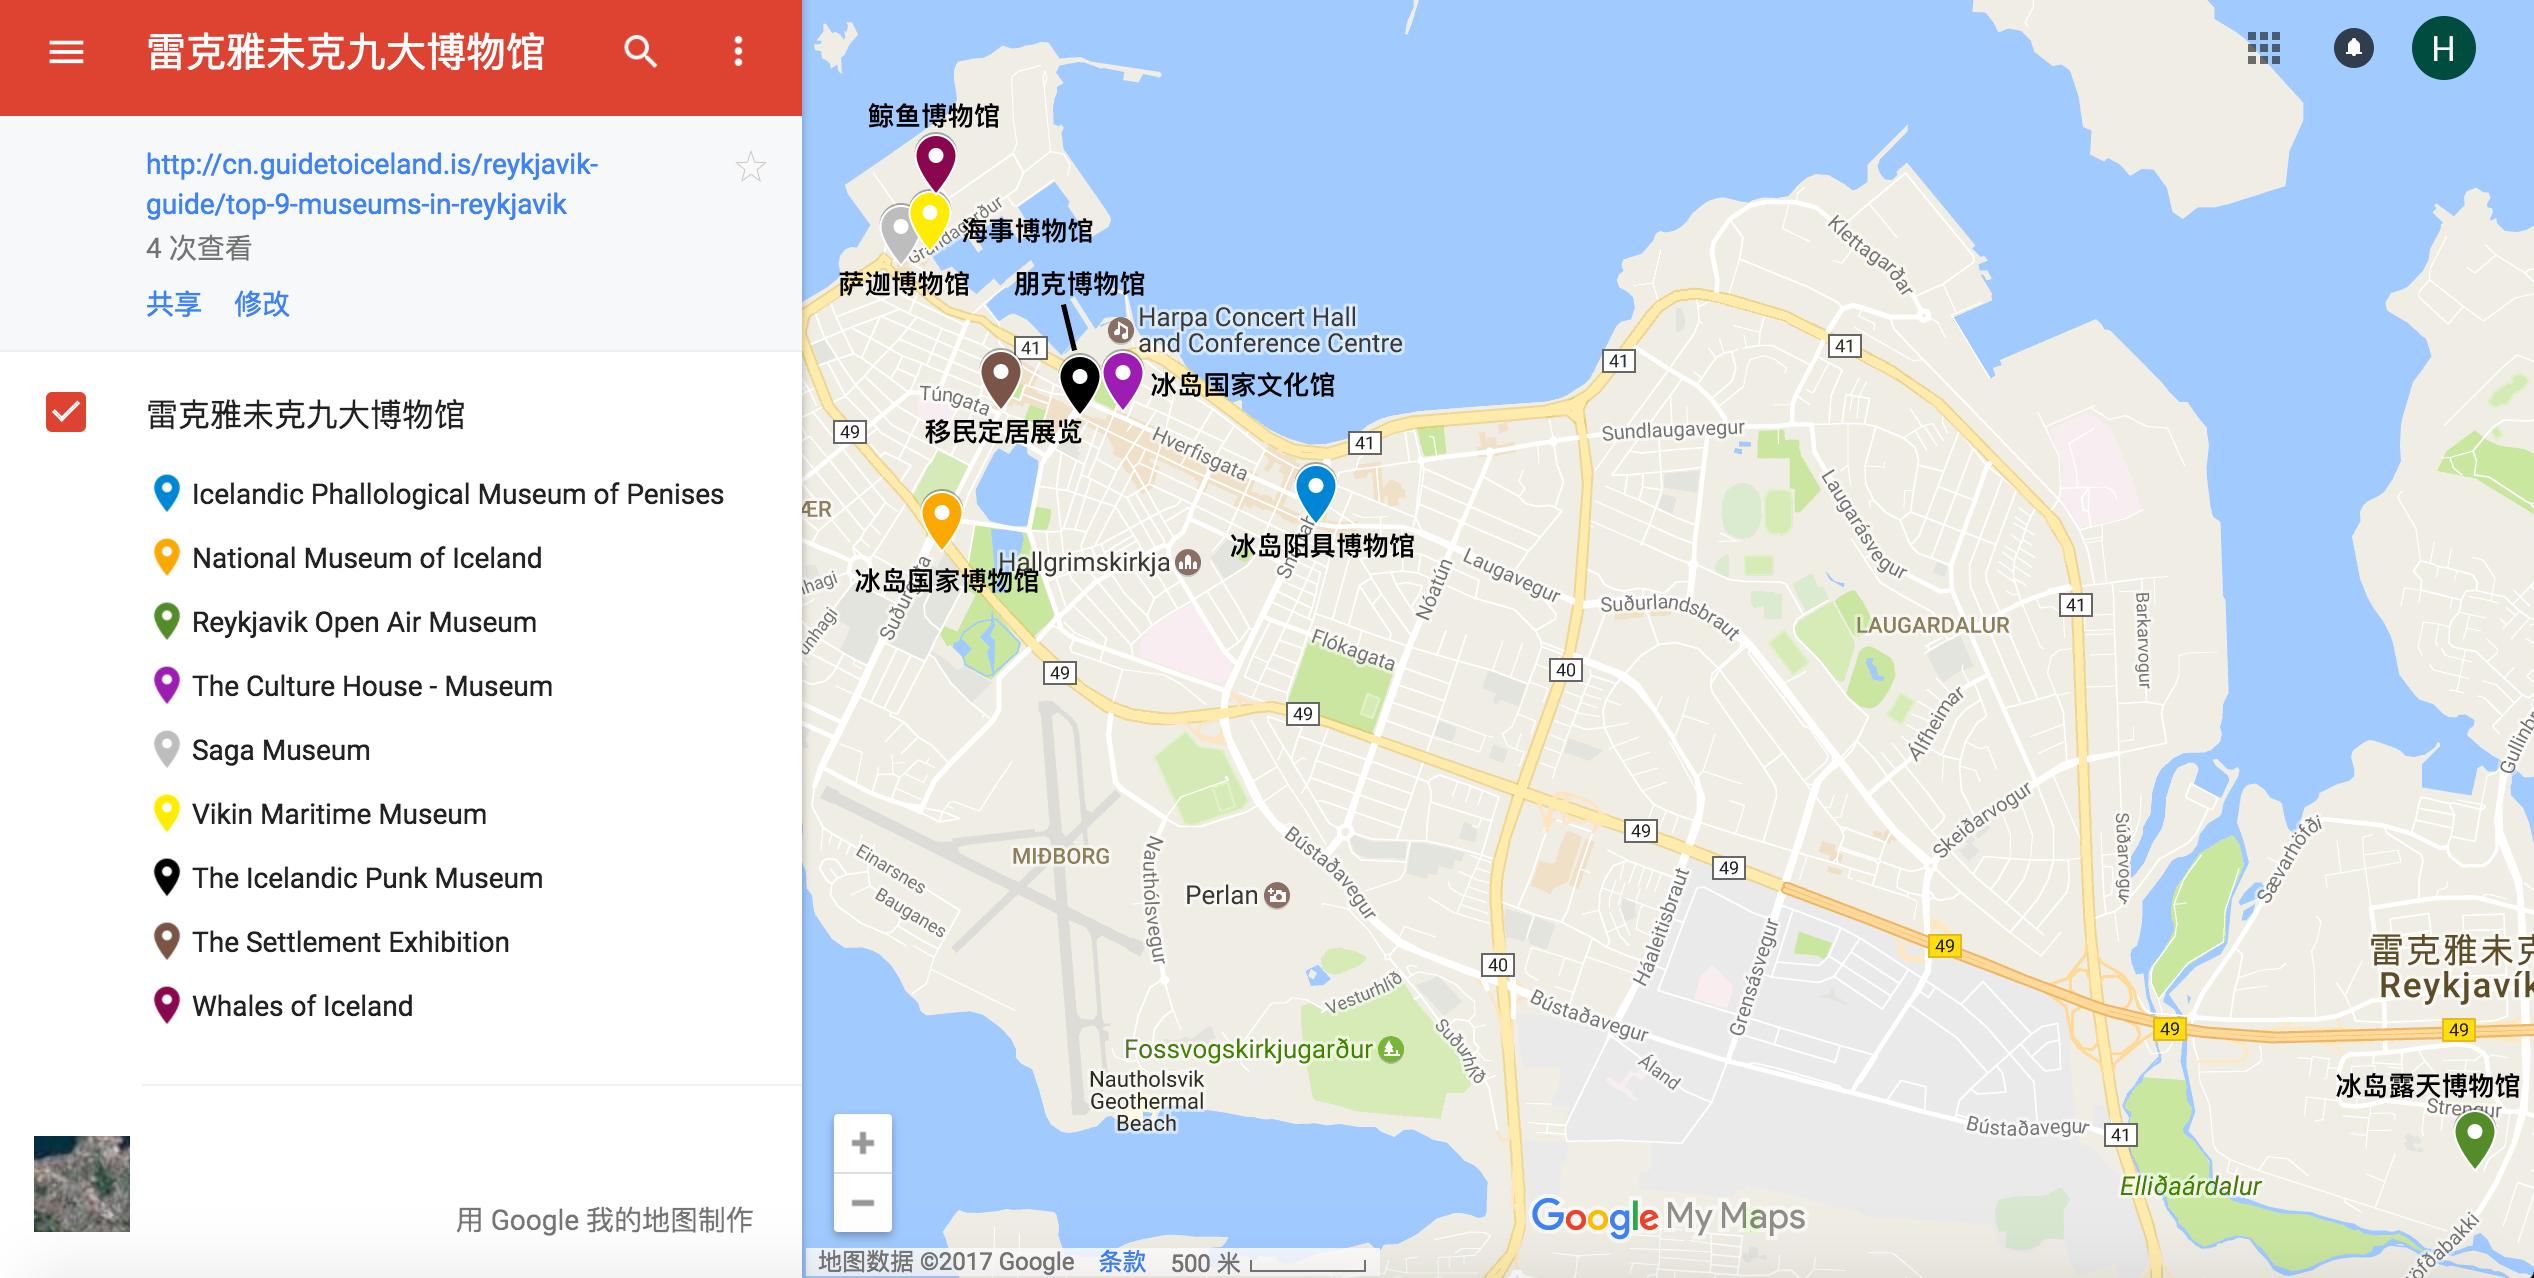 Top 9 Museums in Reykjavik